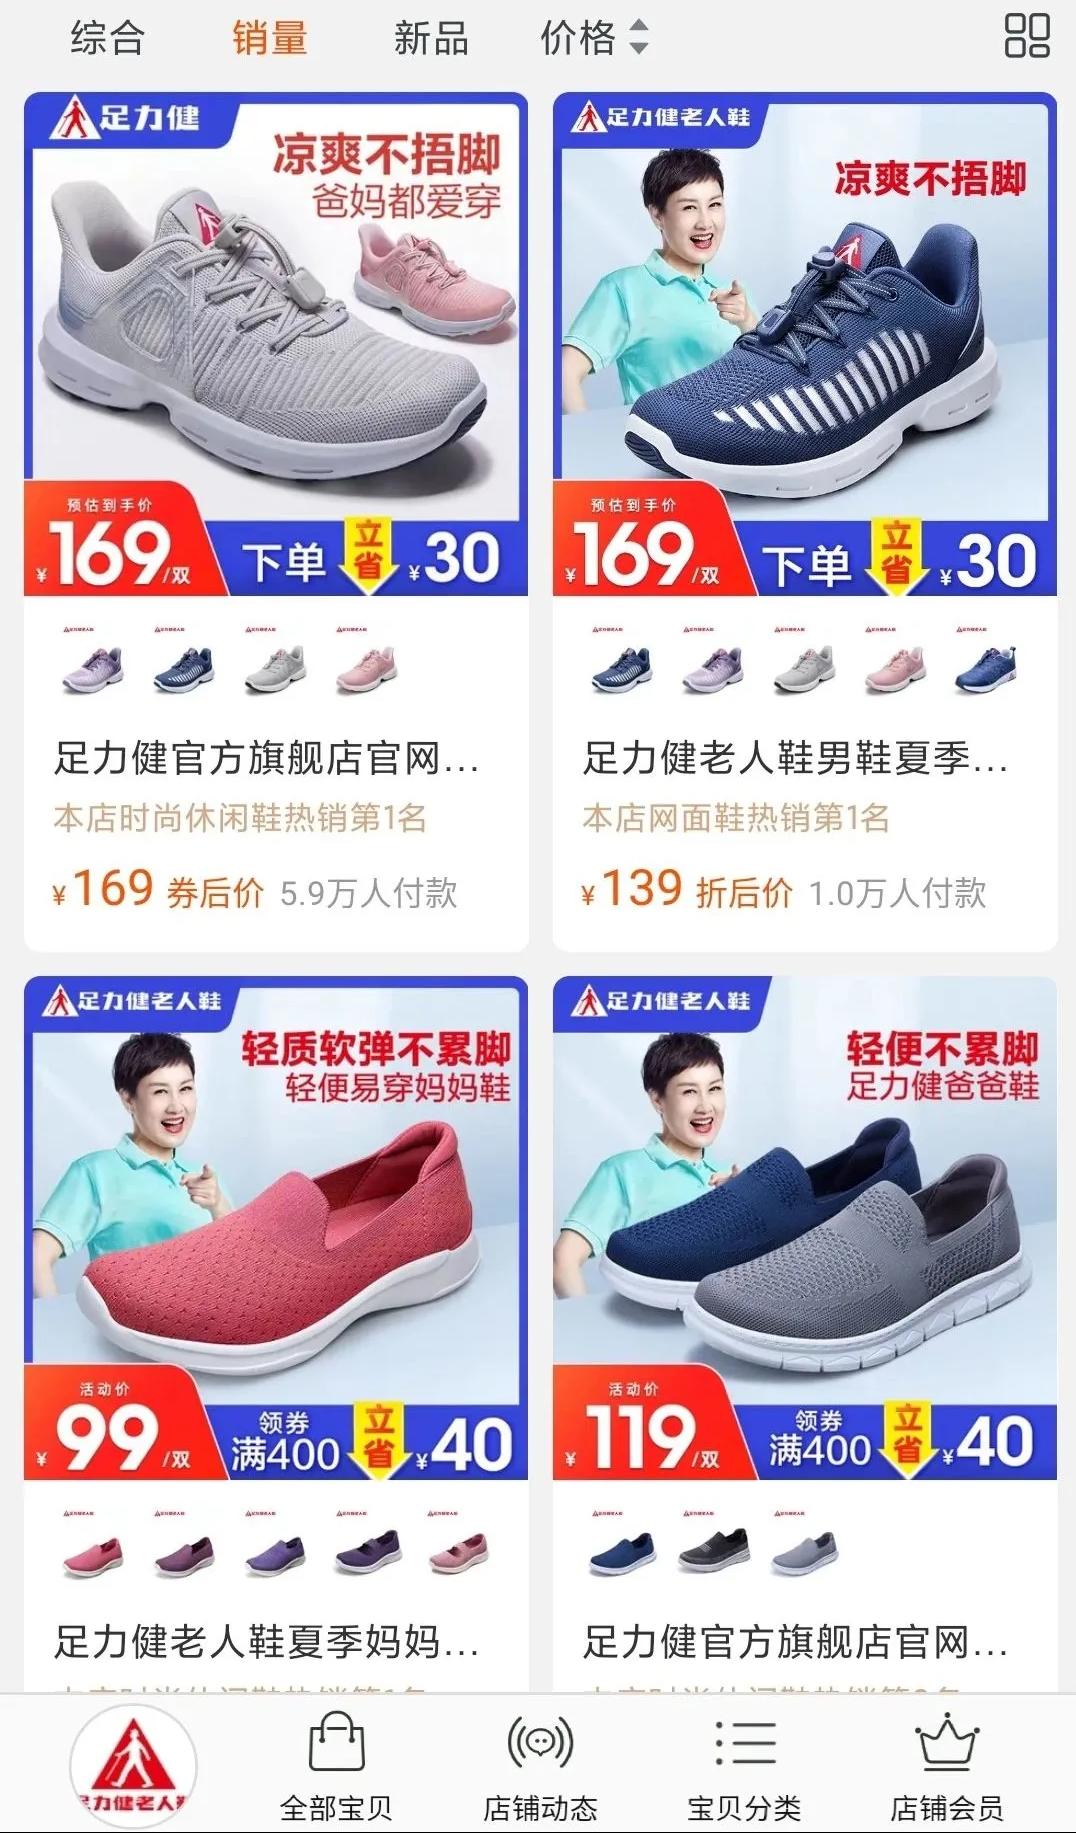 一双又丑又土的鞋,一年狂卖10亿!你瞧不起的市场,往往很赚钱